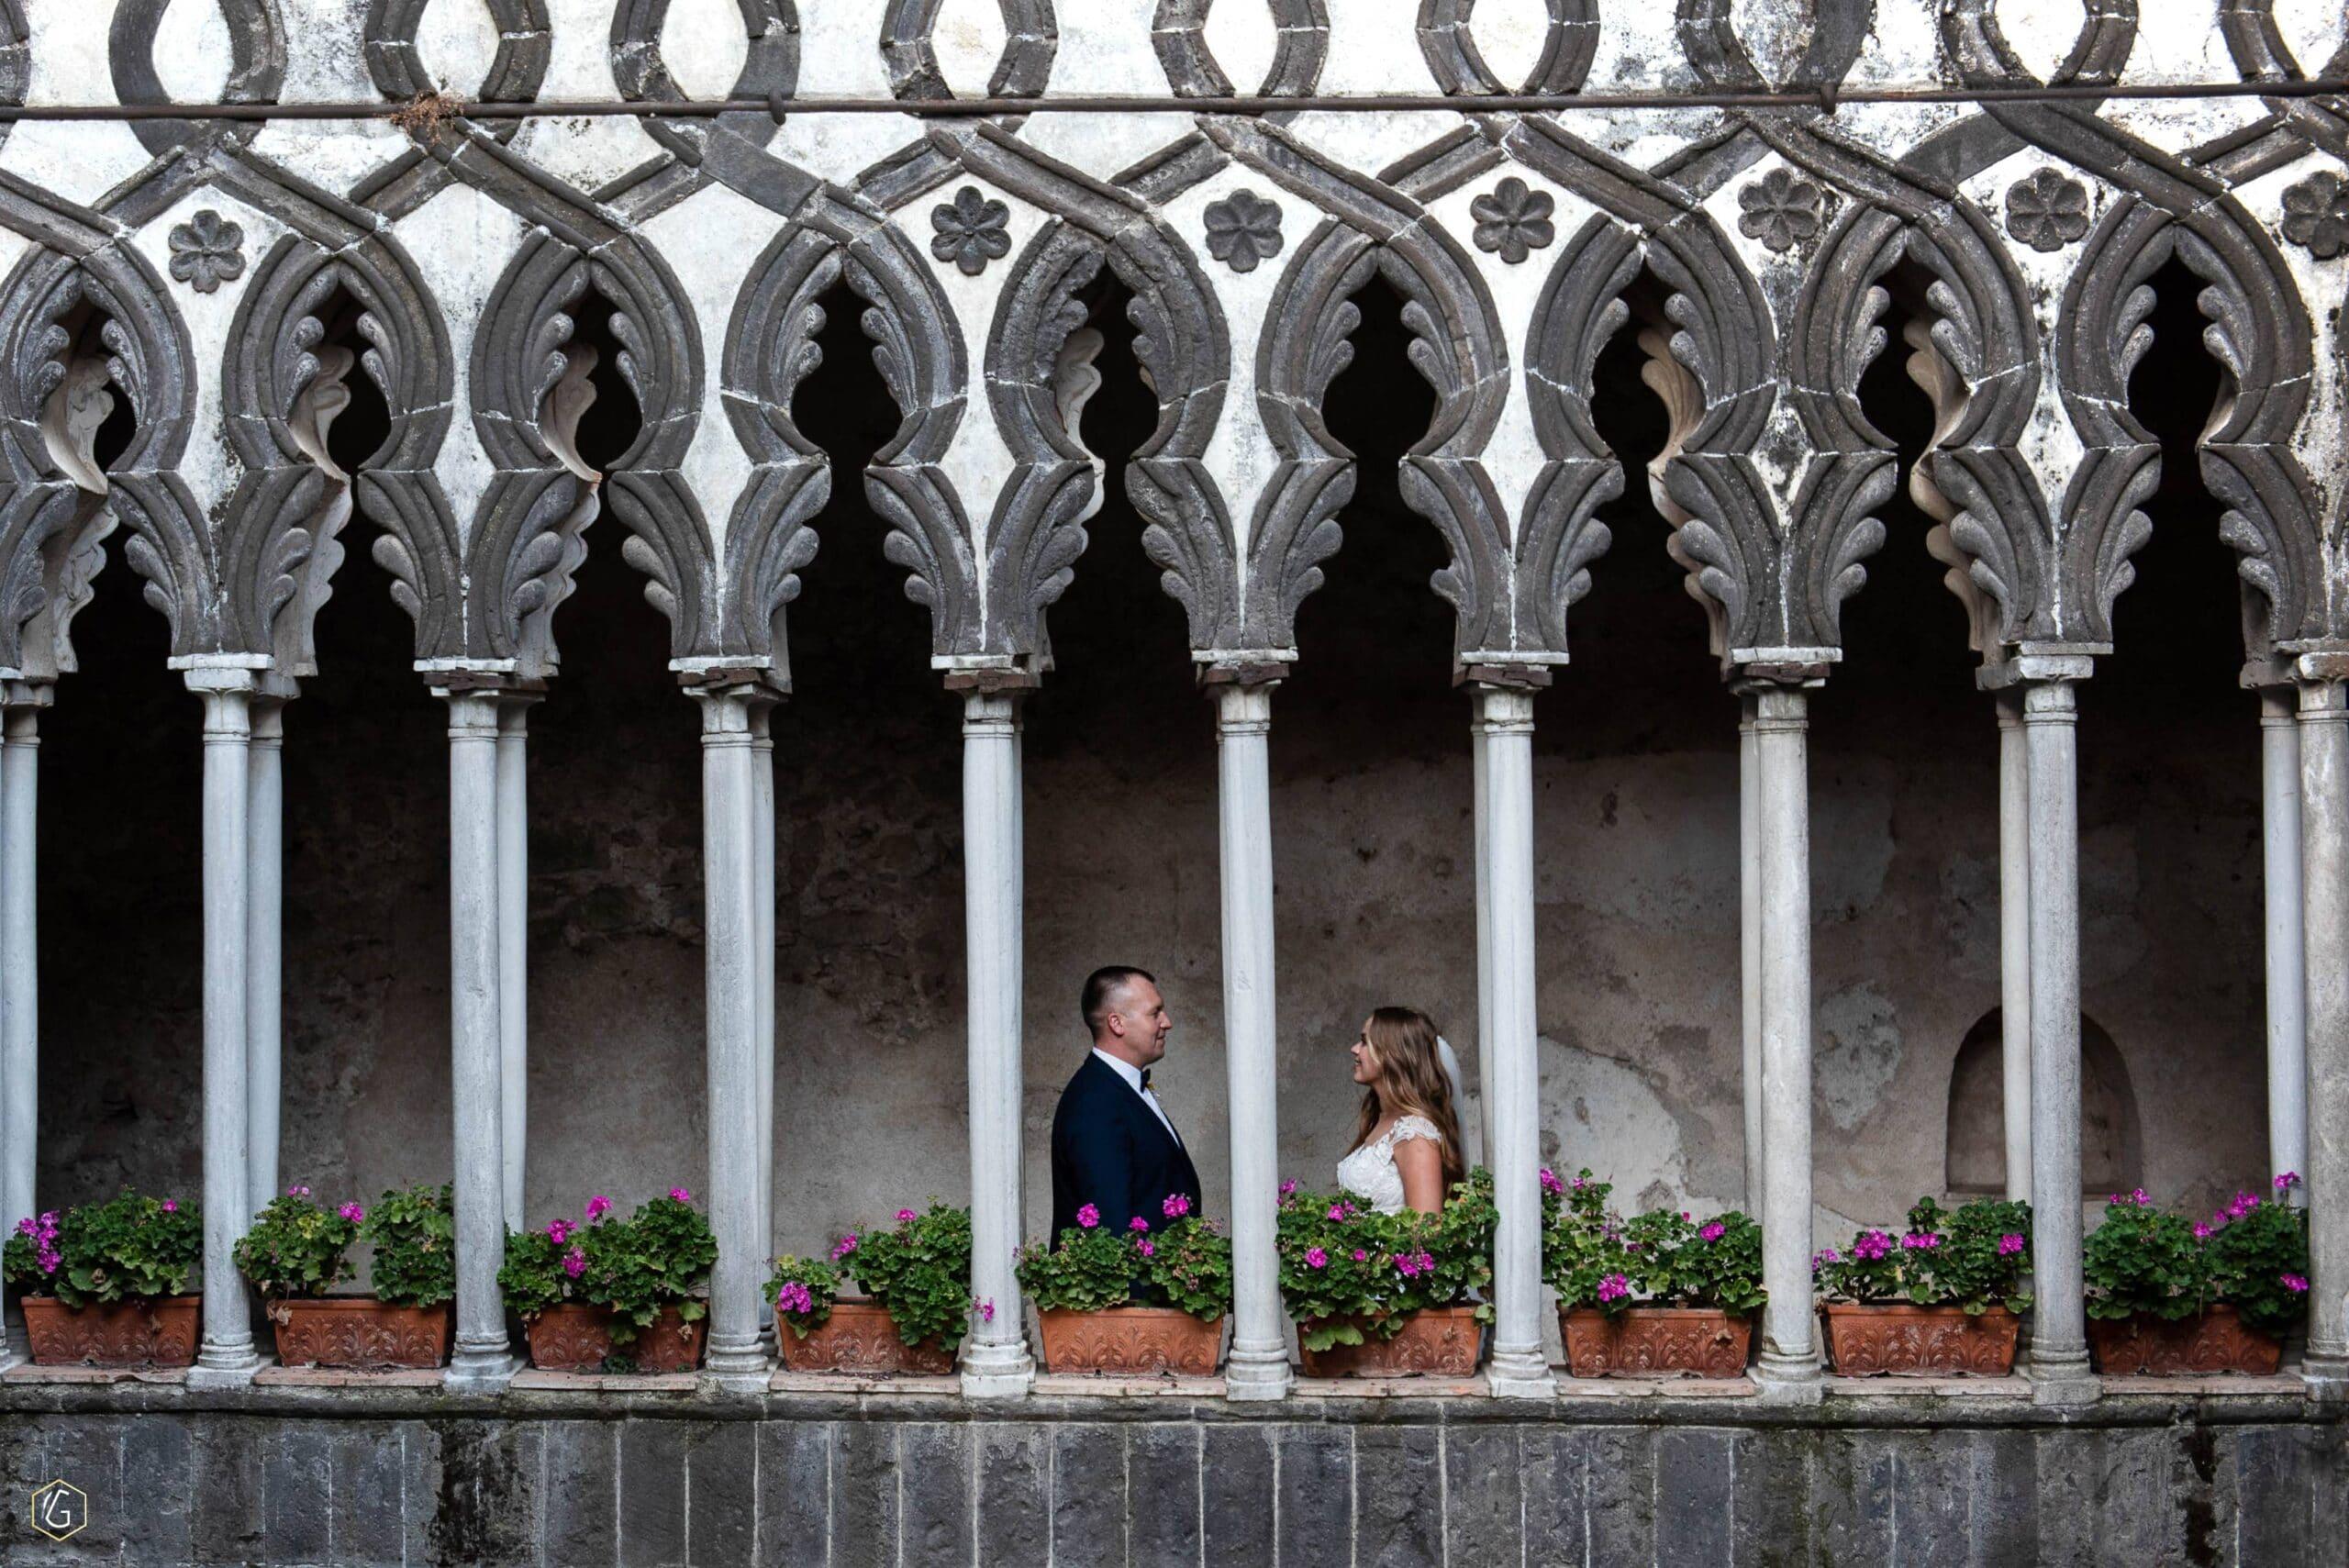 Vilma Wedding and Event Planner_vestuvės Italijoje_Vilma Rapšaitė_vestuvių planuotoja_vestuvių organizavimas Italijoje_istorinės vilos Italijoje